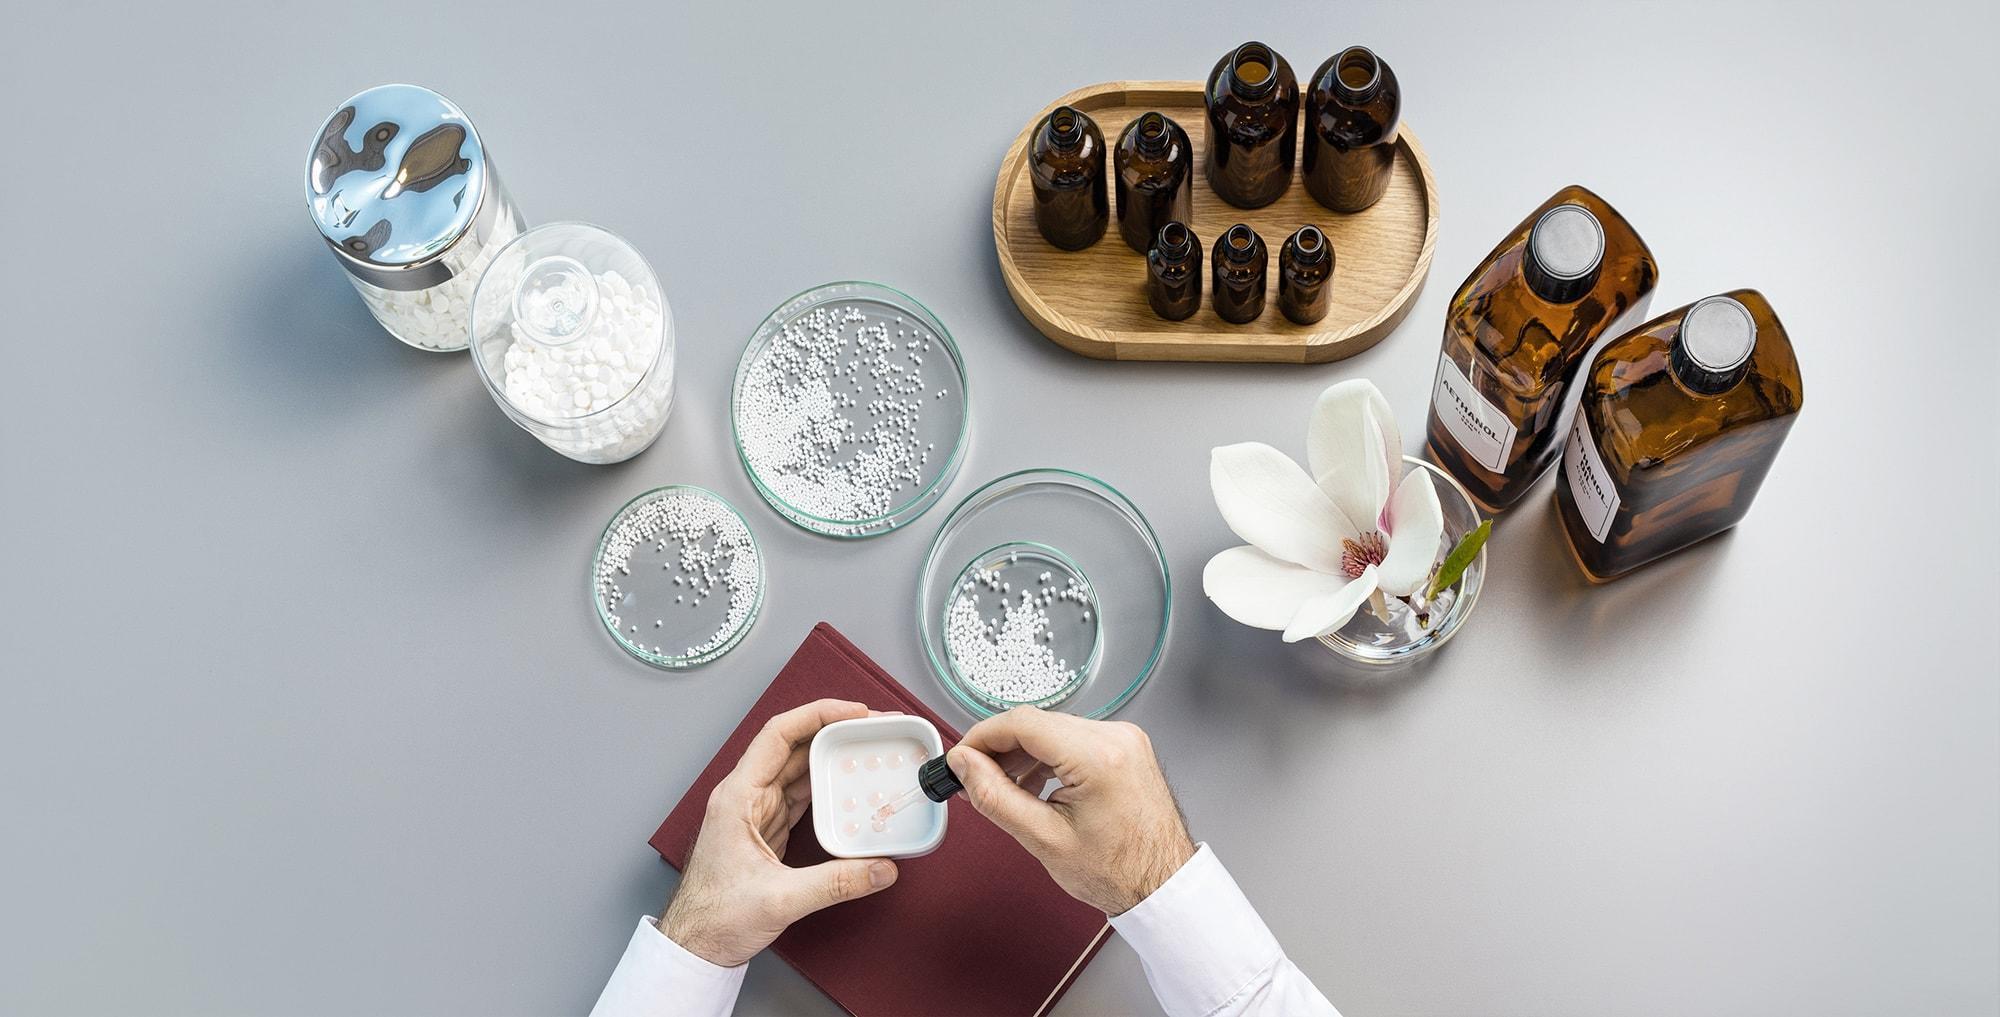 Homöopathie, Handwerk, Impressionen, Schüssler Salze,